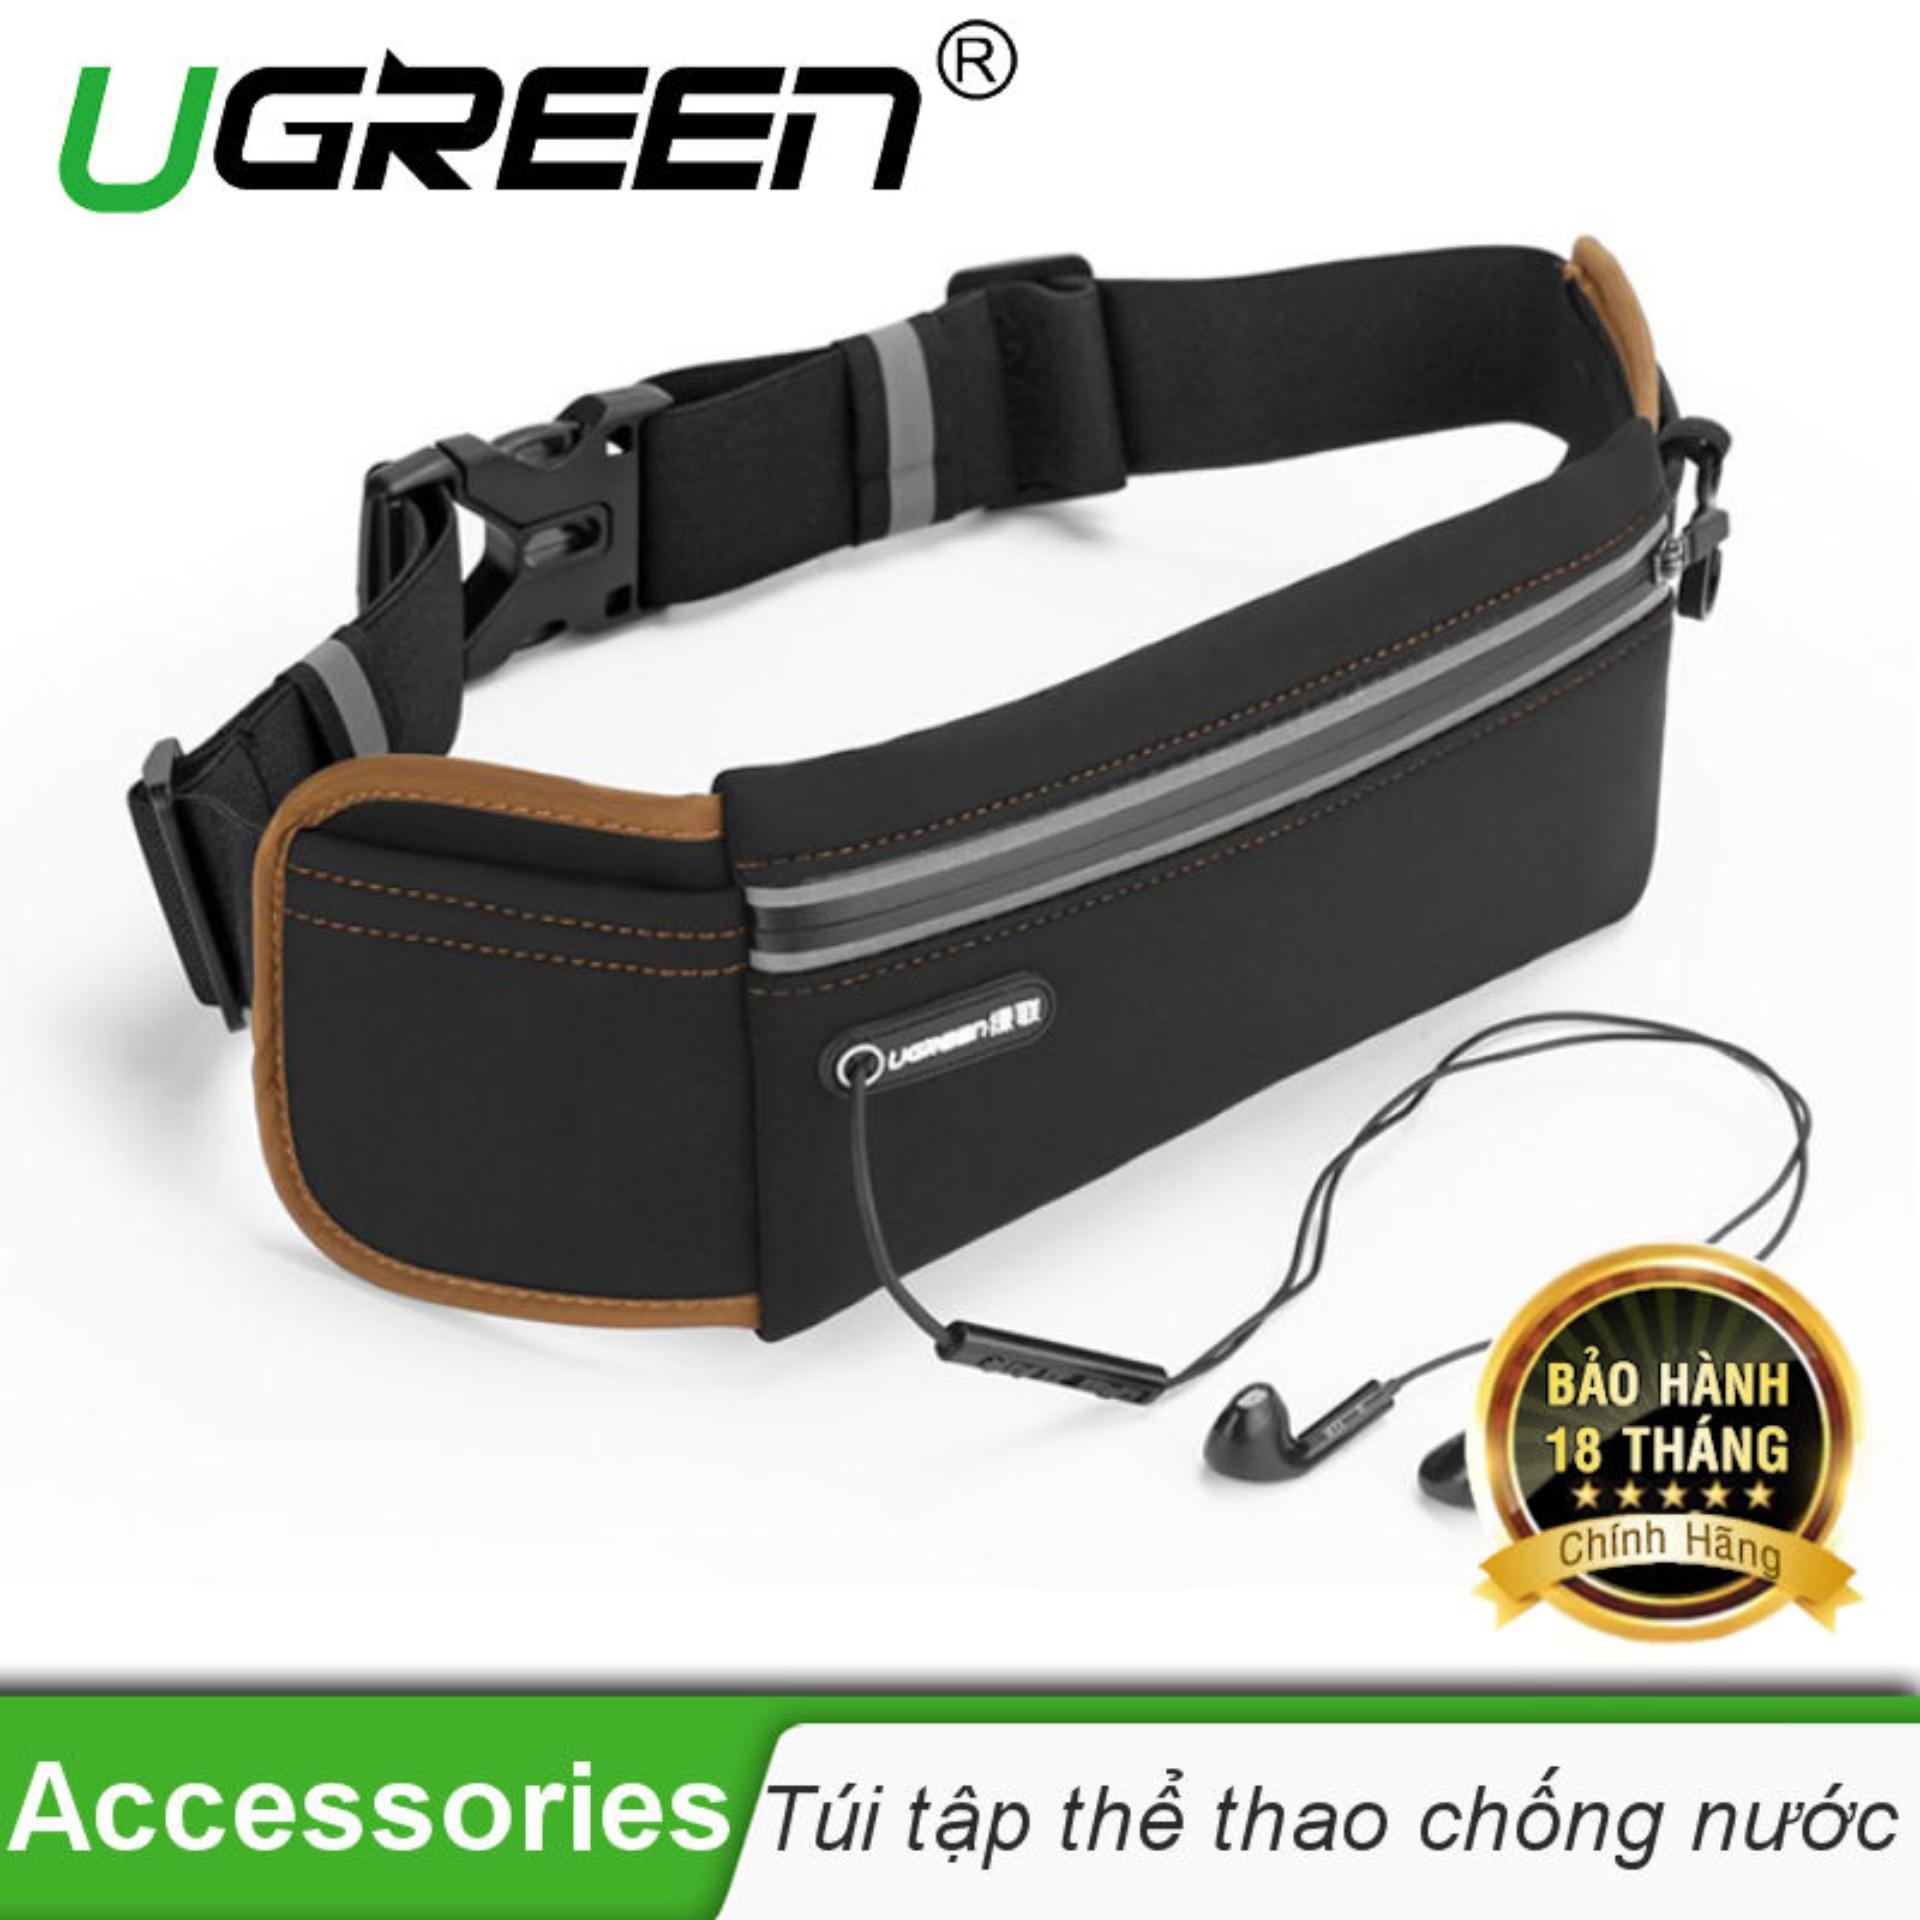 Dây Lưng đa năng Cho Smartphone khi tập thể thao Ugreen Lp112 20818 (đen nâu)